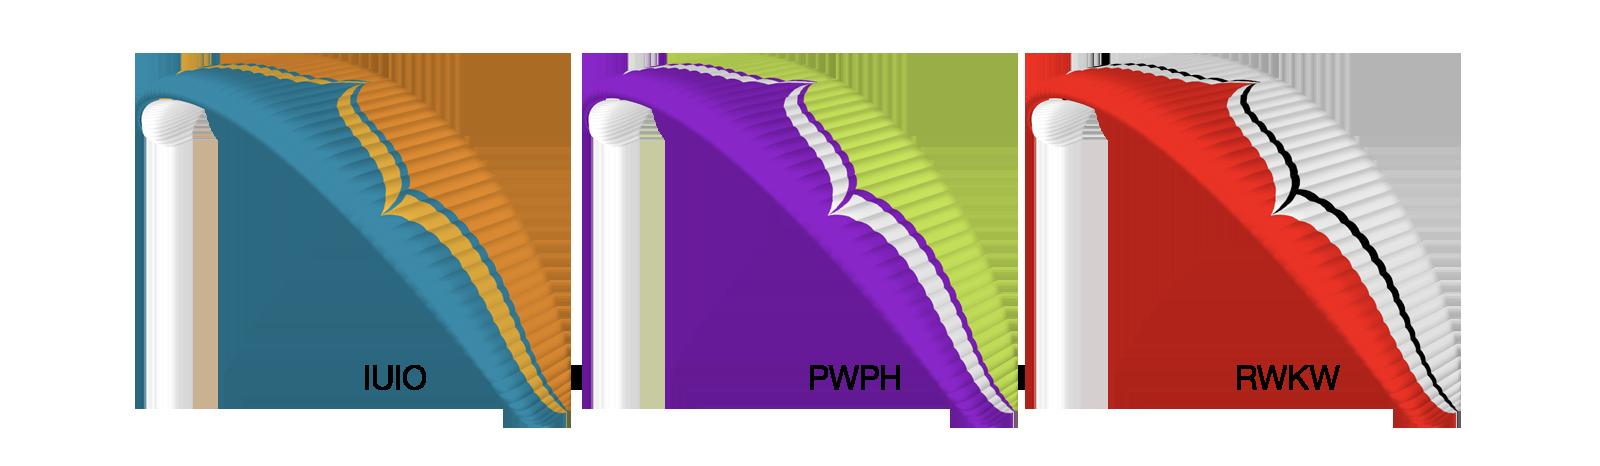 Viper 5 Colour Options